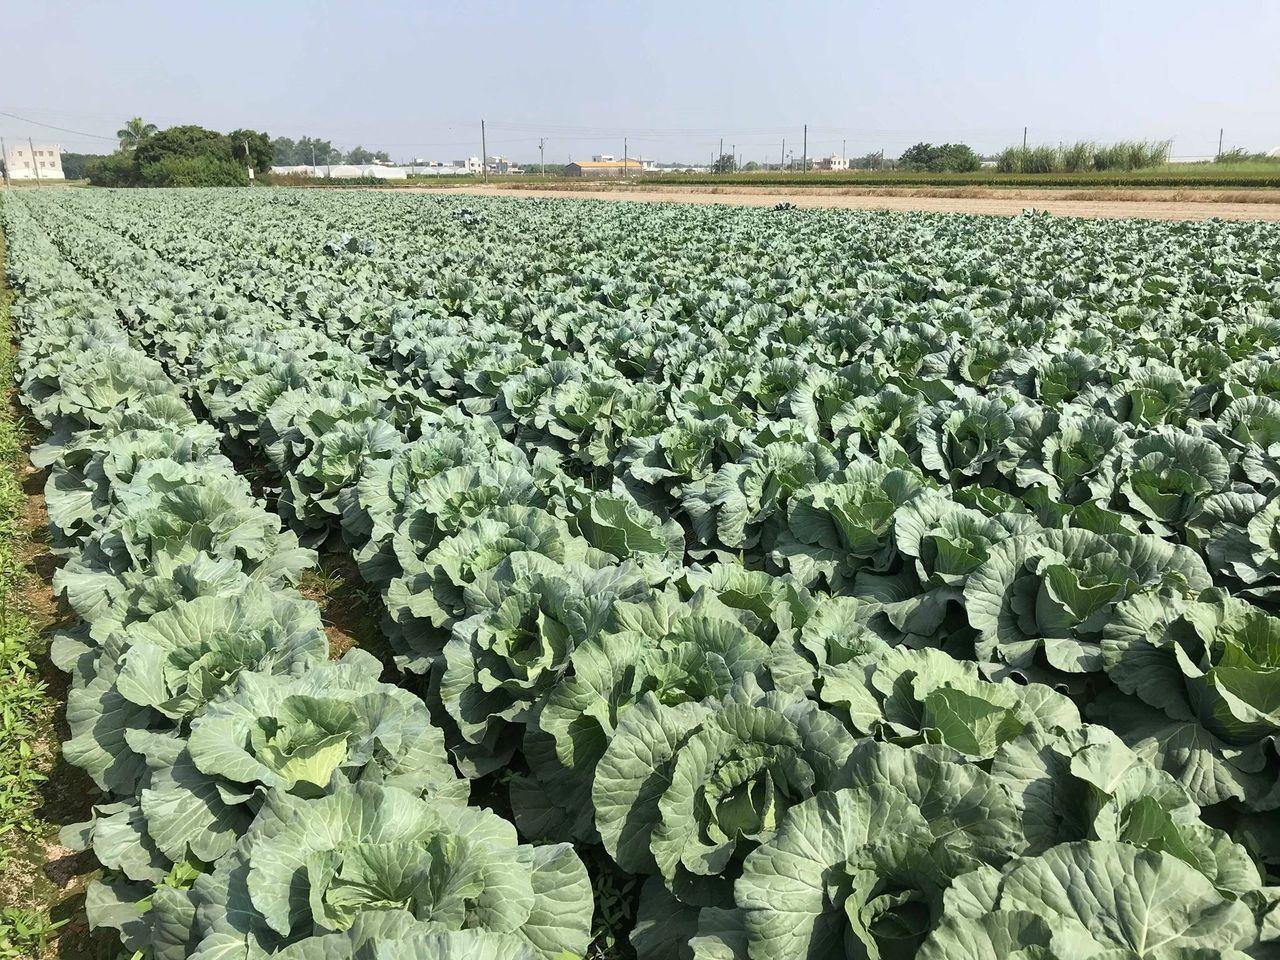 天氣大好,高麗菜盛產,價格低迷,農委會啟動調節措施。圖/農民提供